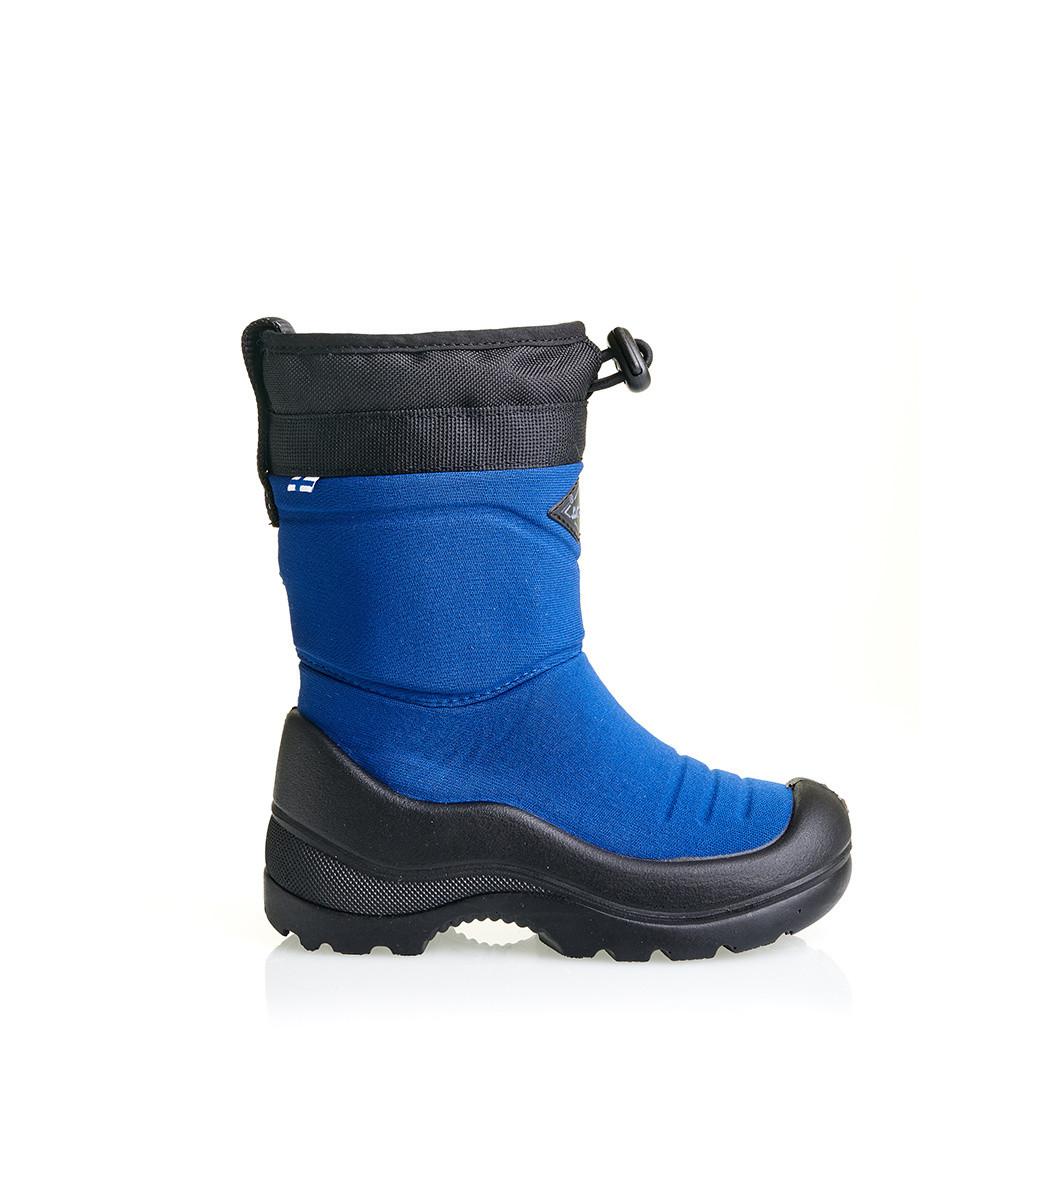 Обувь детская Snow snowlock, Sky Blue